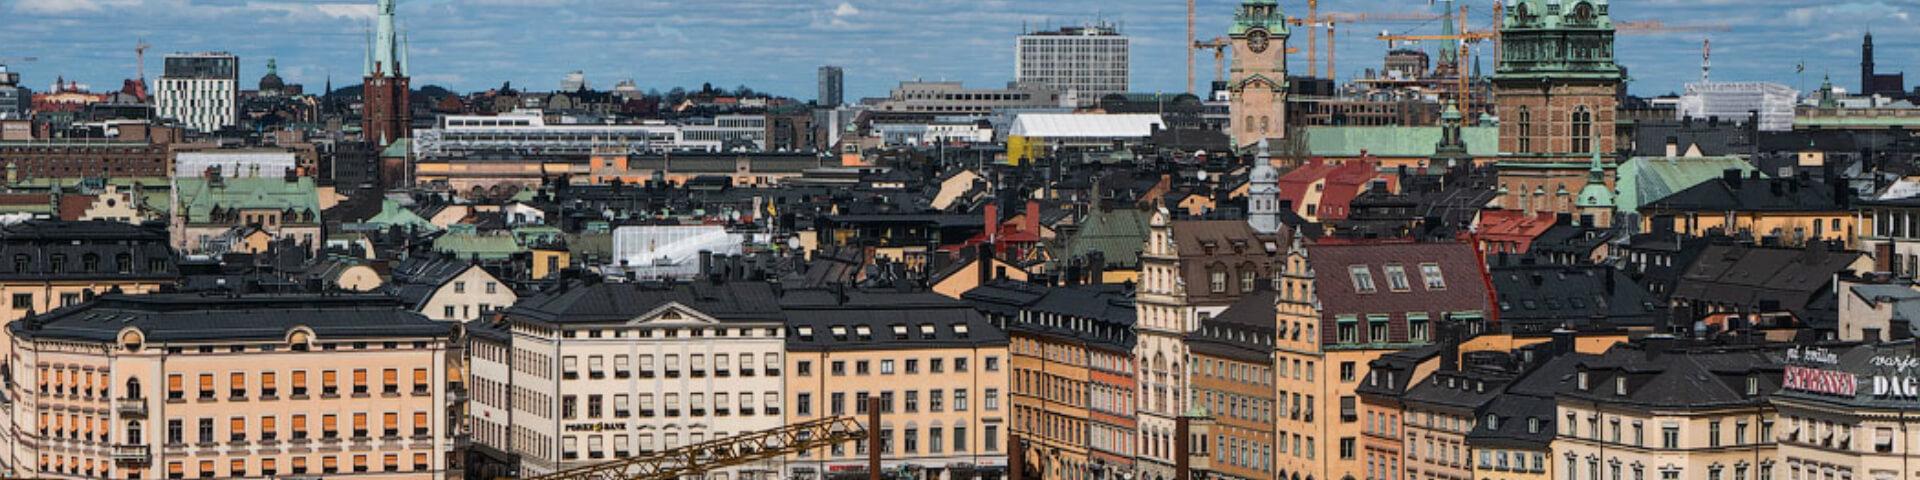 Уже 30 000 шведов использовали реестр самоисключения